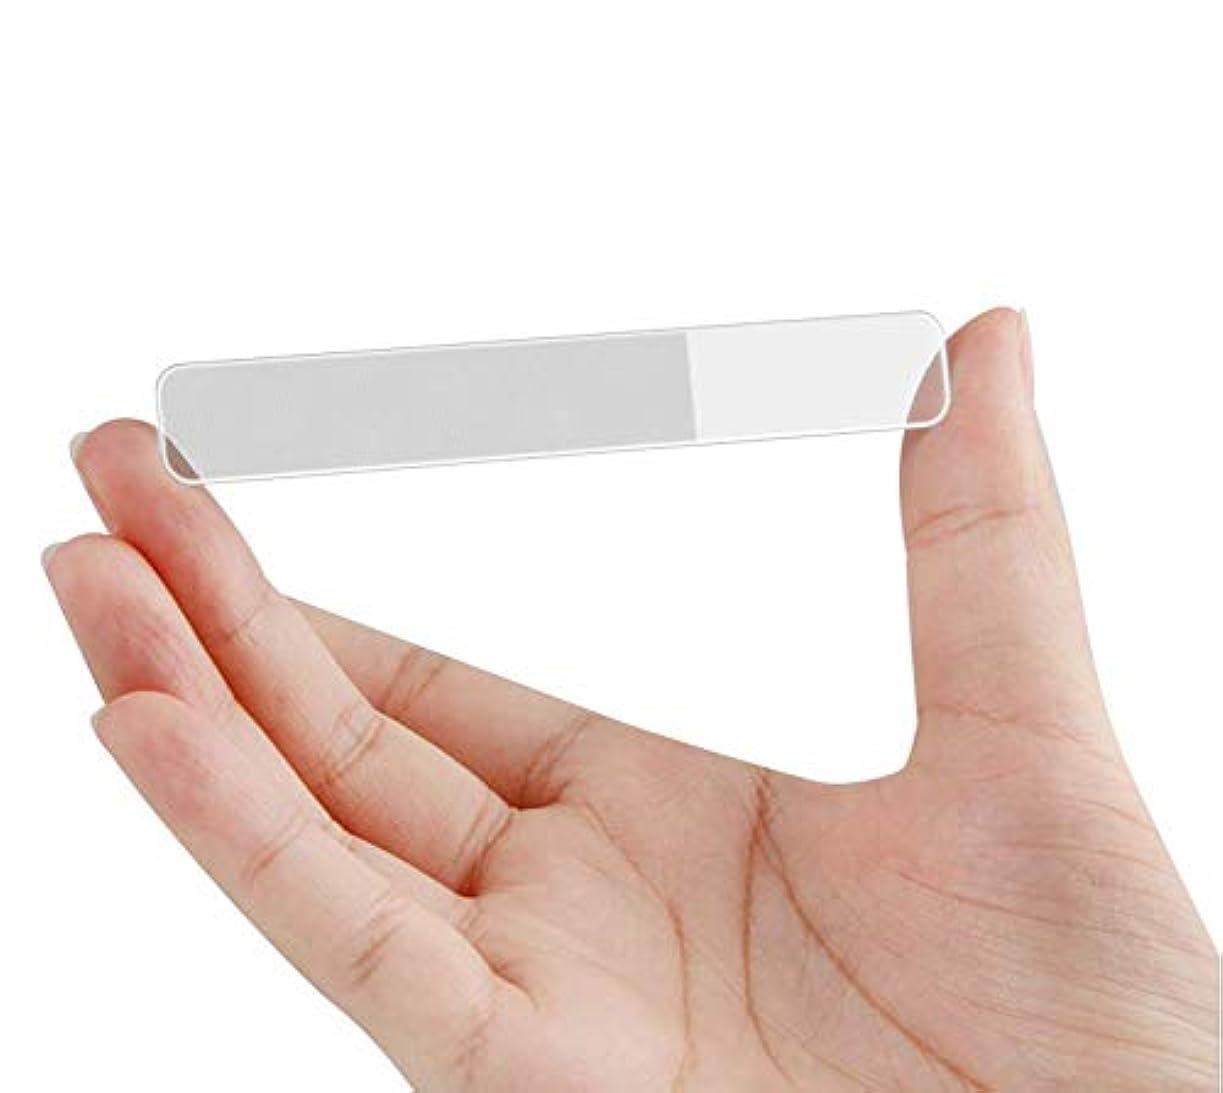 審判死すべき並外れたMX 爪やすり 爪磨き ガラス製 (スタイル A)